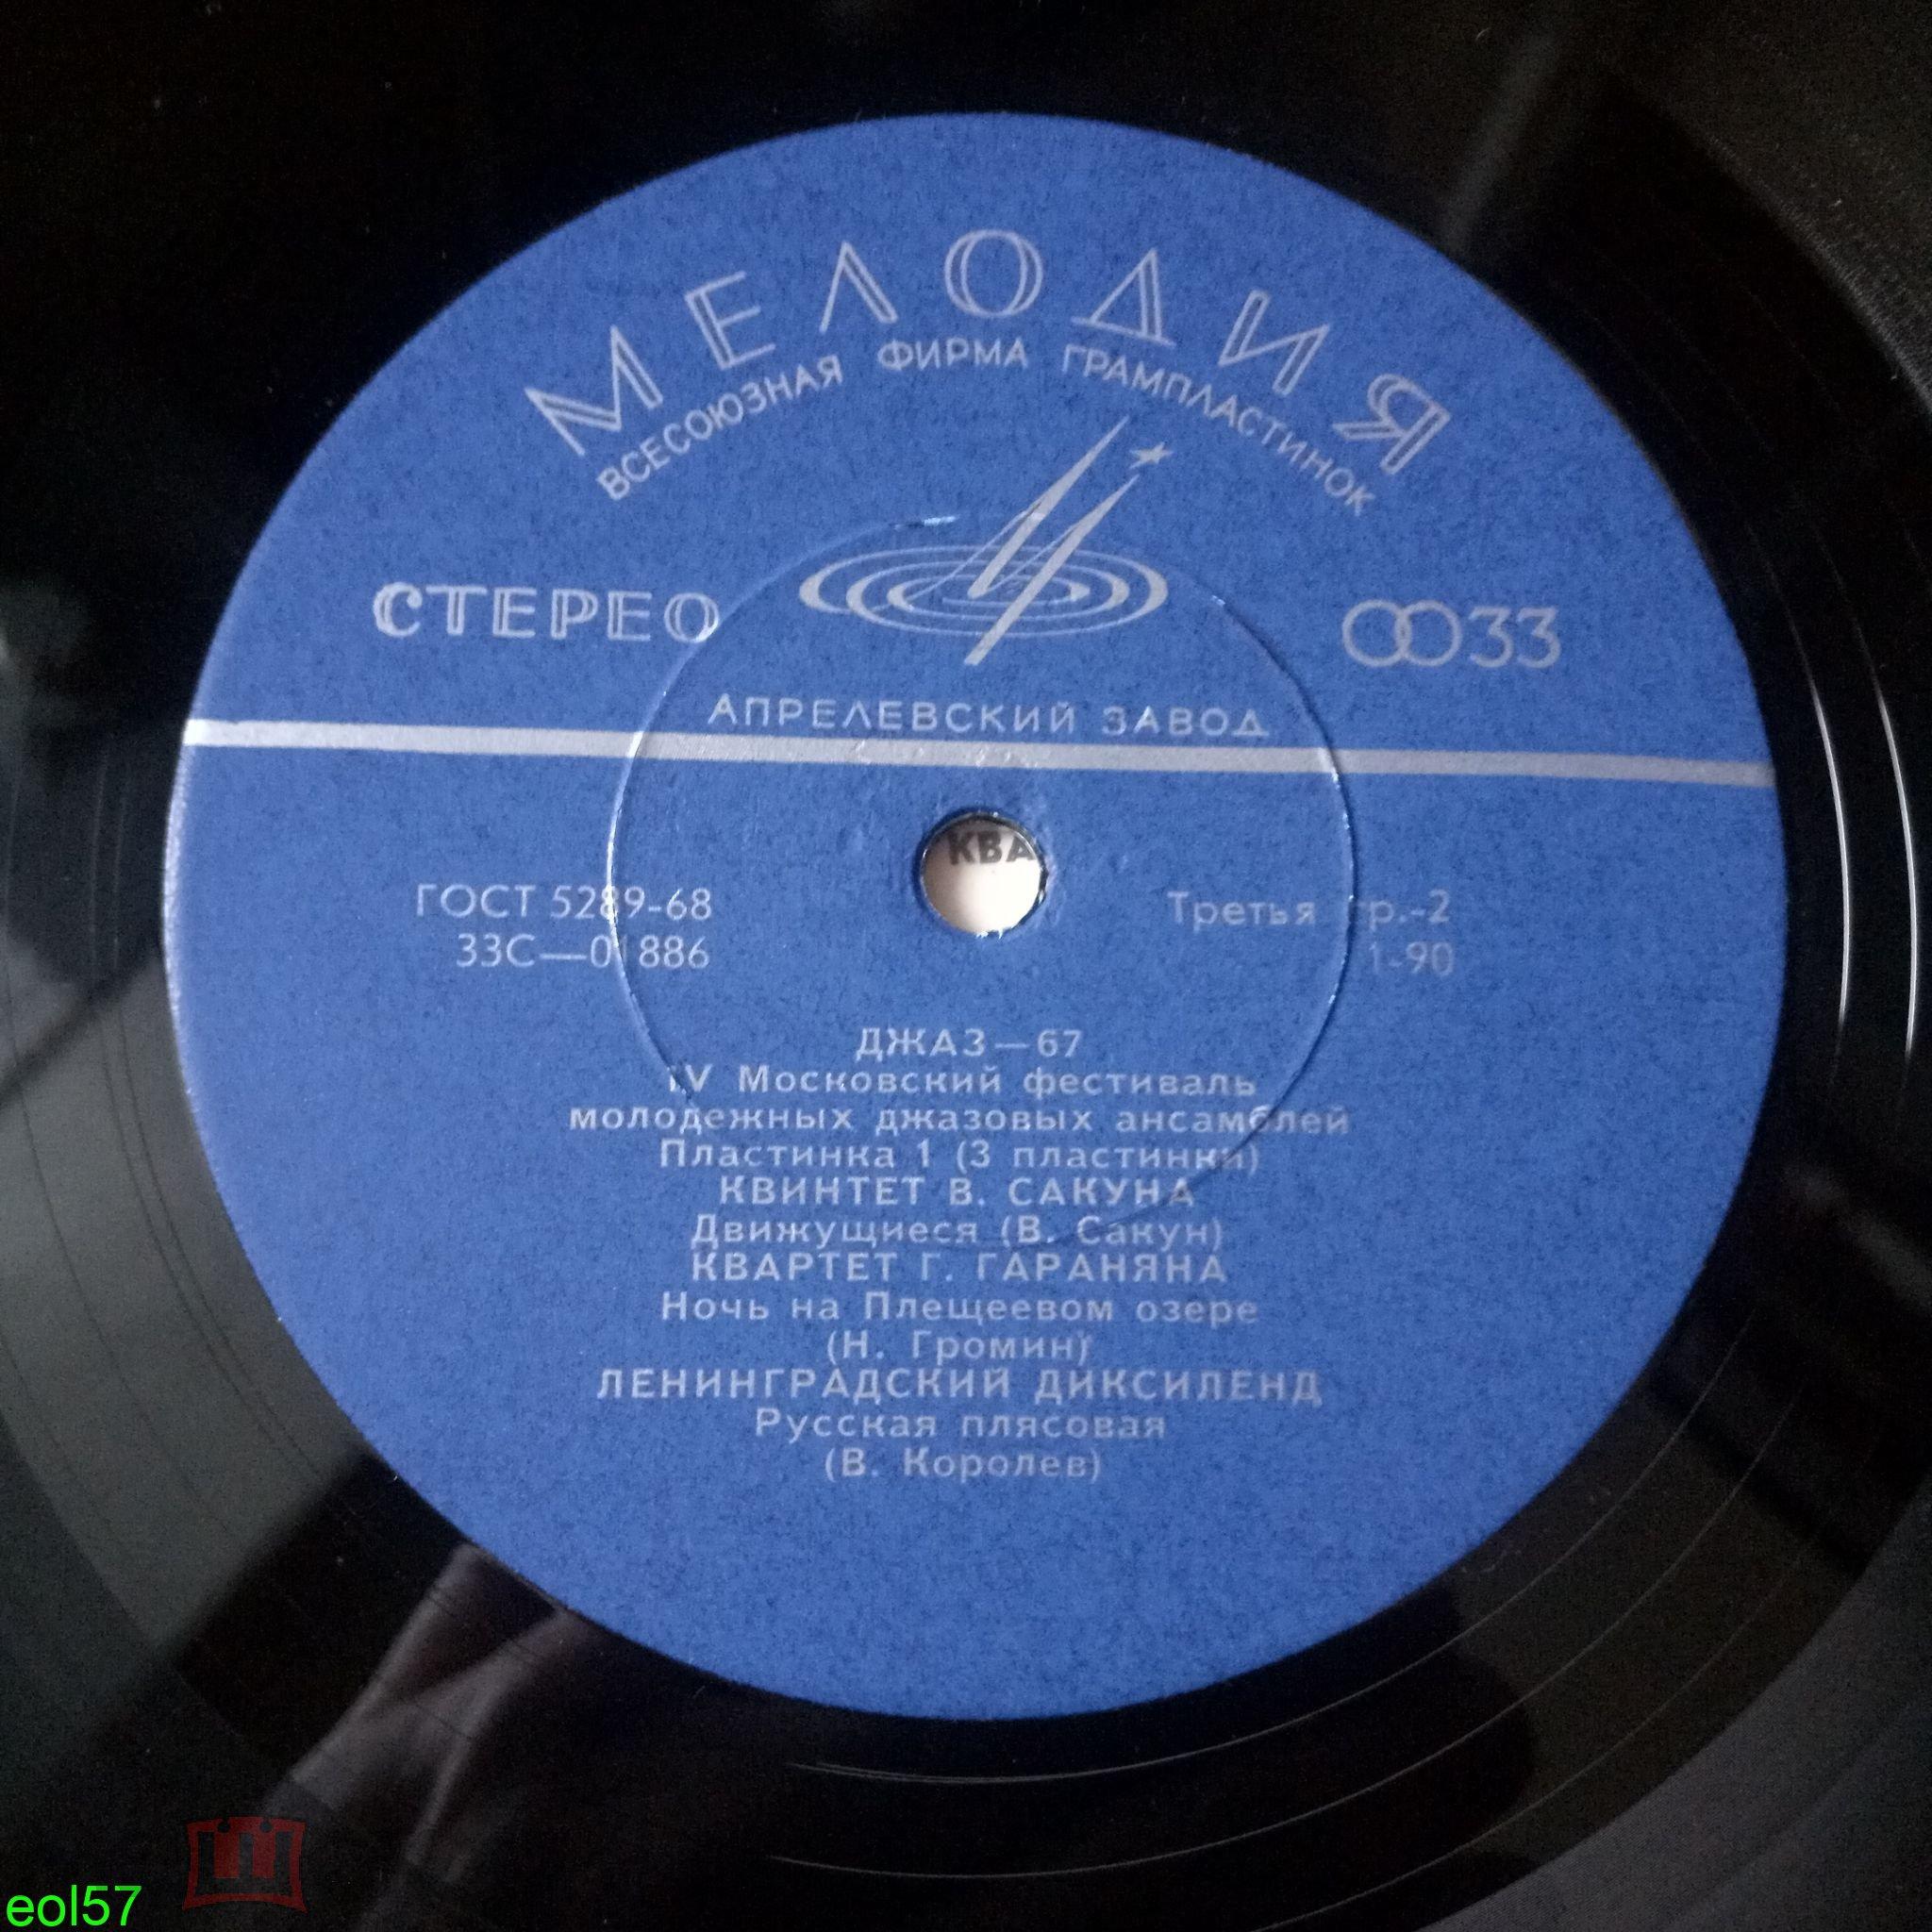 Various – Джаз 67. IV Московский Фестиваль Молодежных Джазовых Ансамблей. Пластинка 1